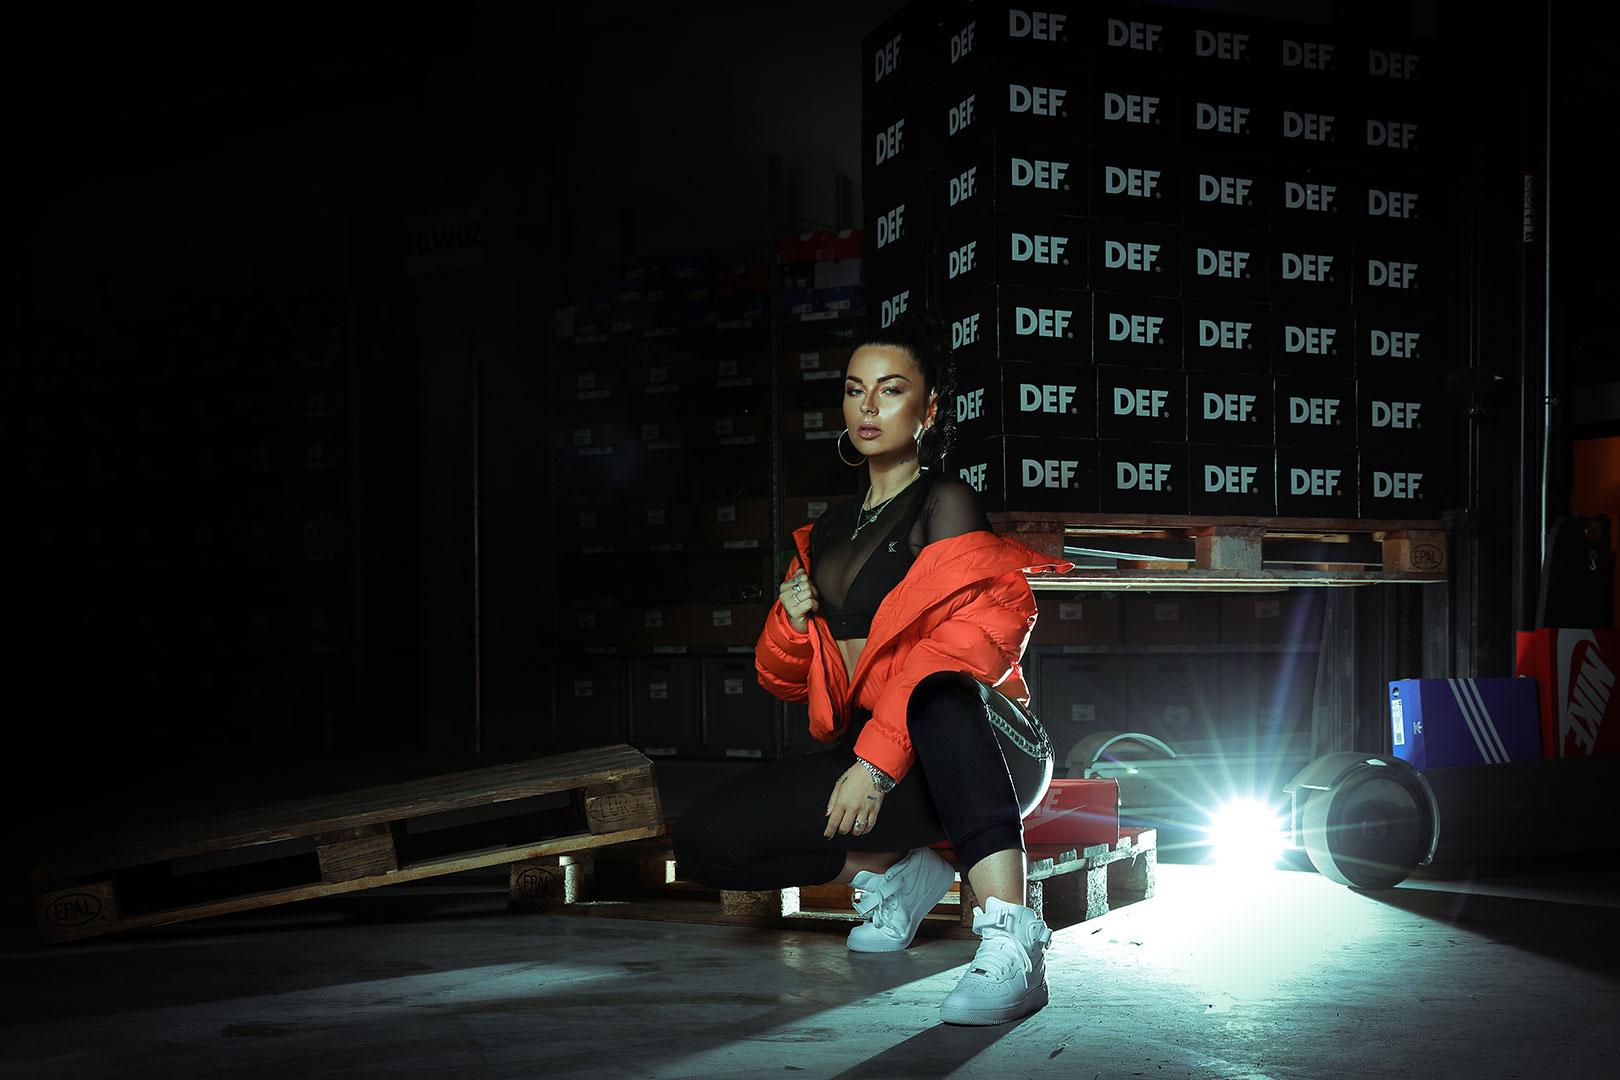 DEF-initiv dein Onlinestore für Streetwear und Hip Hop Fashion